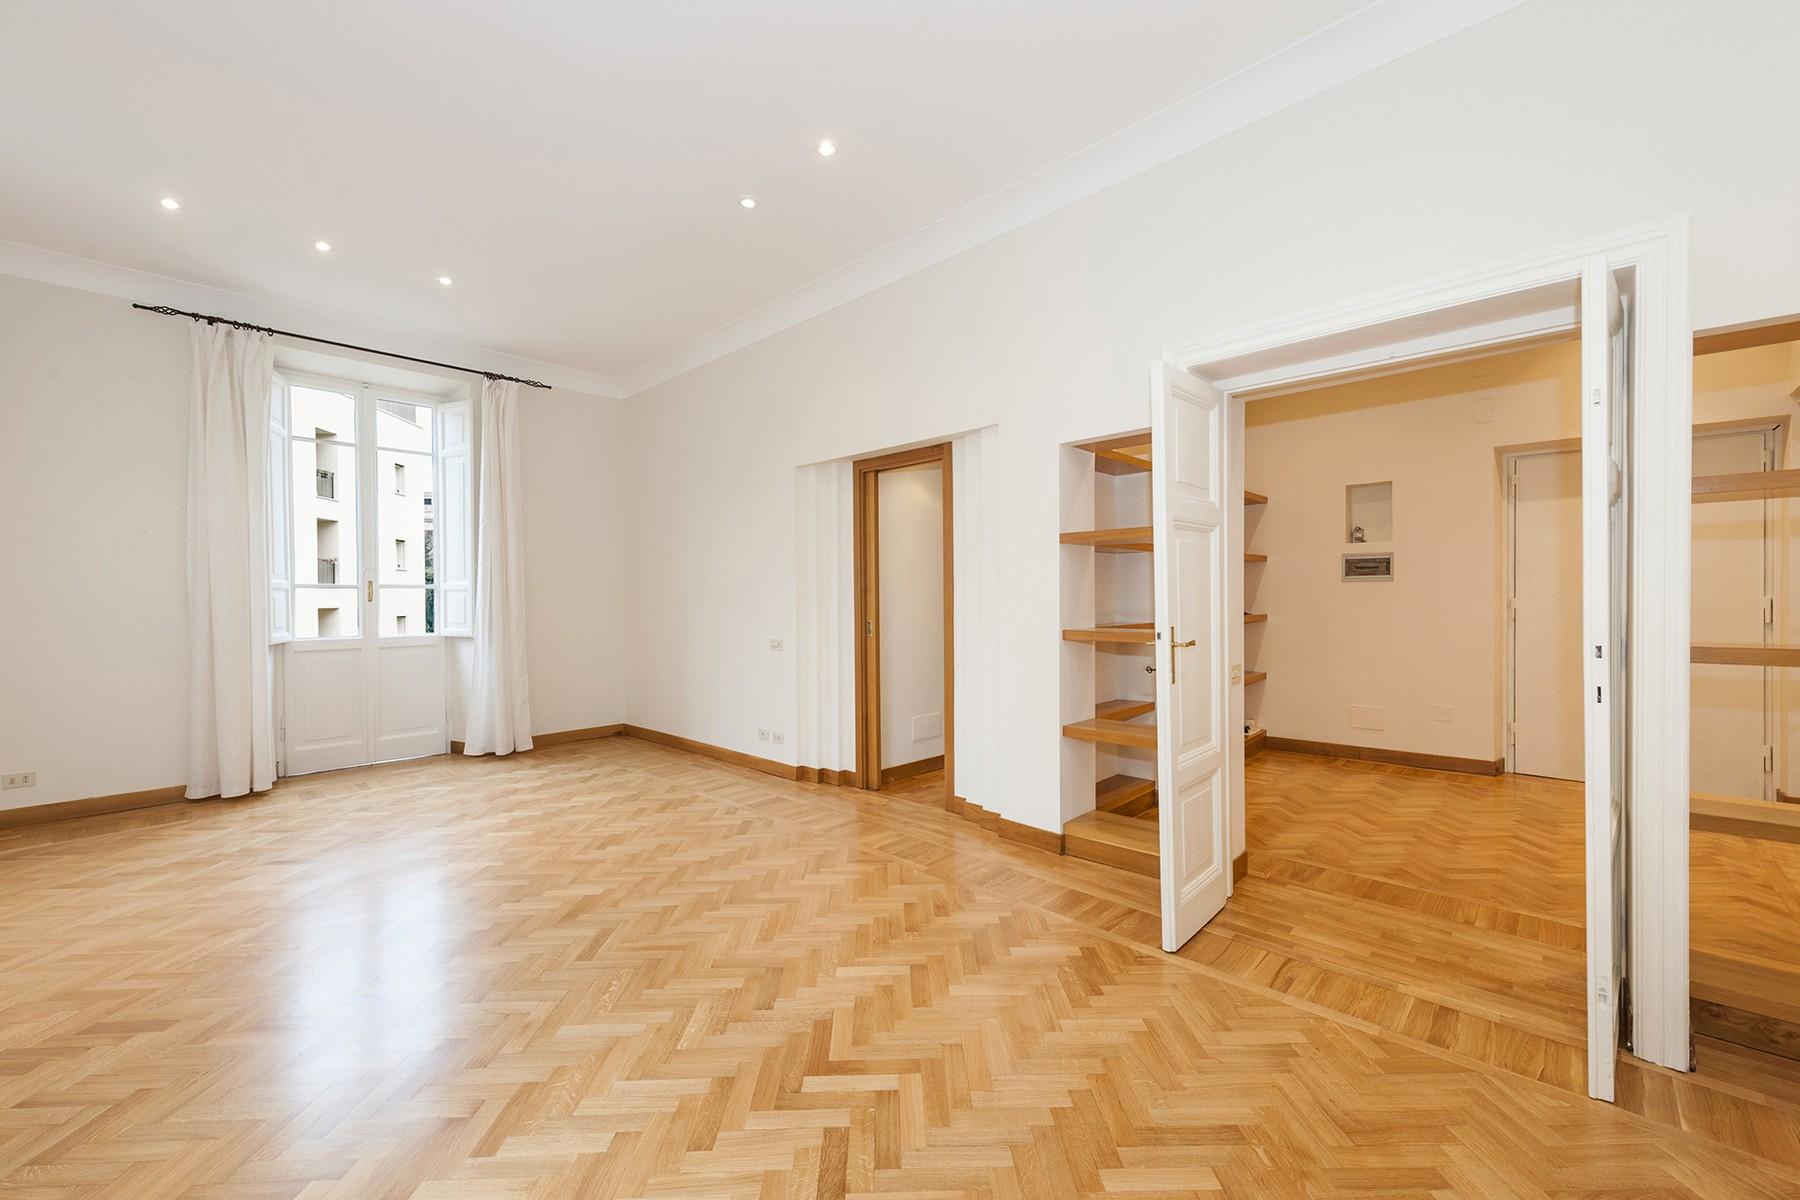 Appartamento in Affitto a Roma 02 Parioli / Pinciano / Flaminio: 4 locali, 115 mq